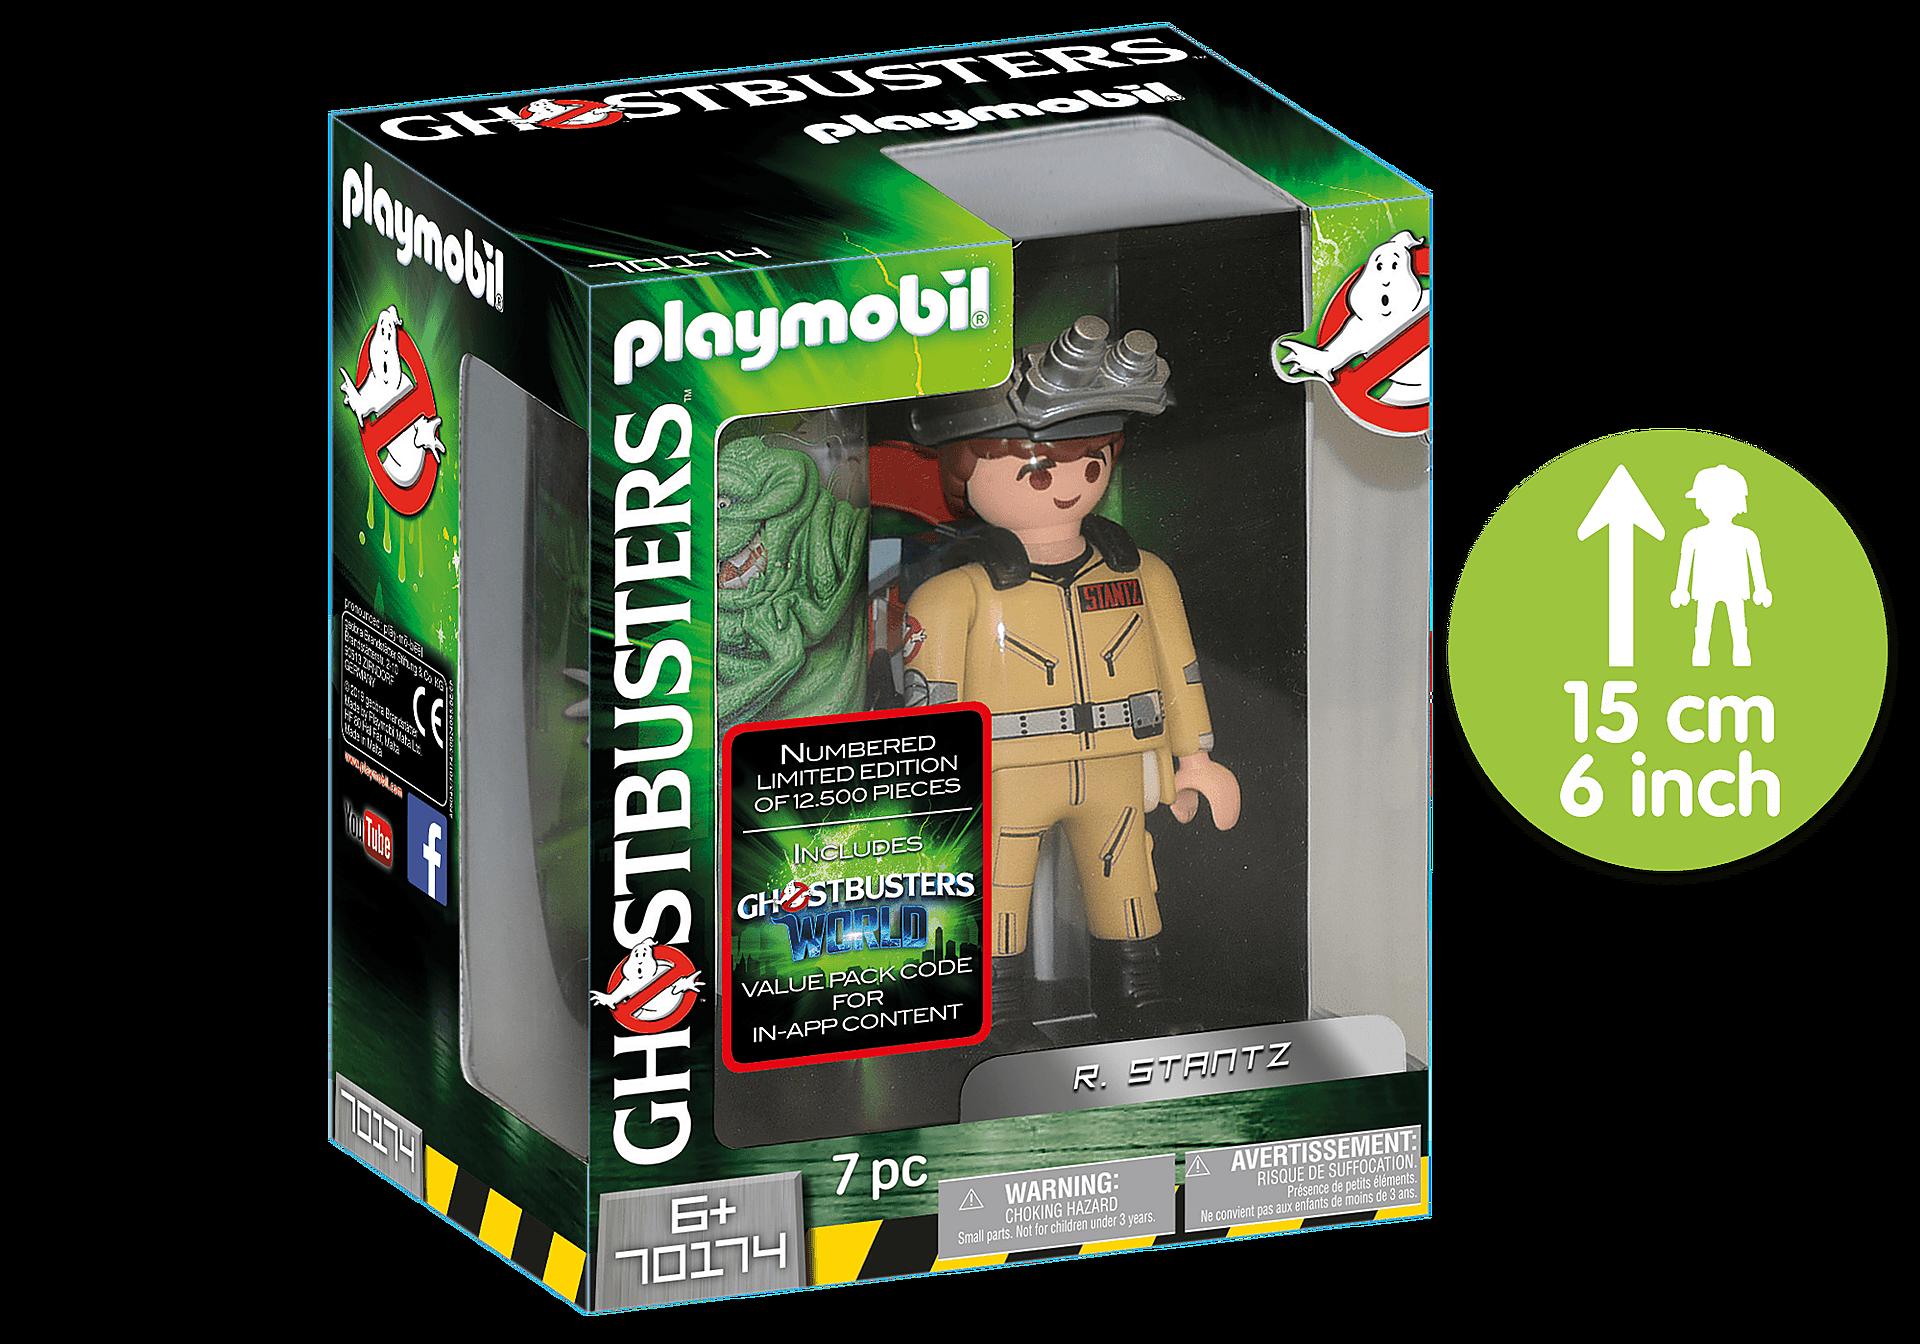 70174 Ghostbusters™ Συλλεκτική φιγούρα Ρέι Σταντζ zoom image1